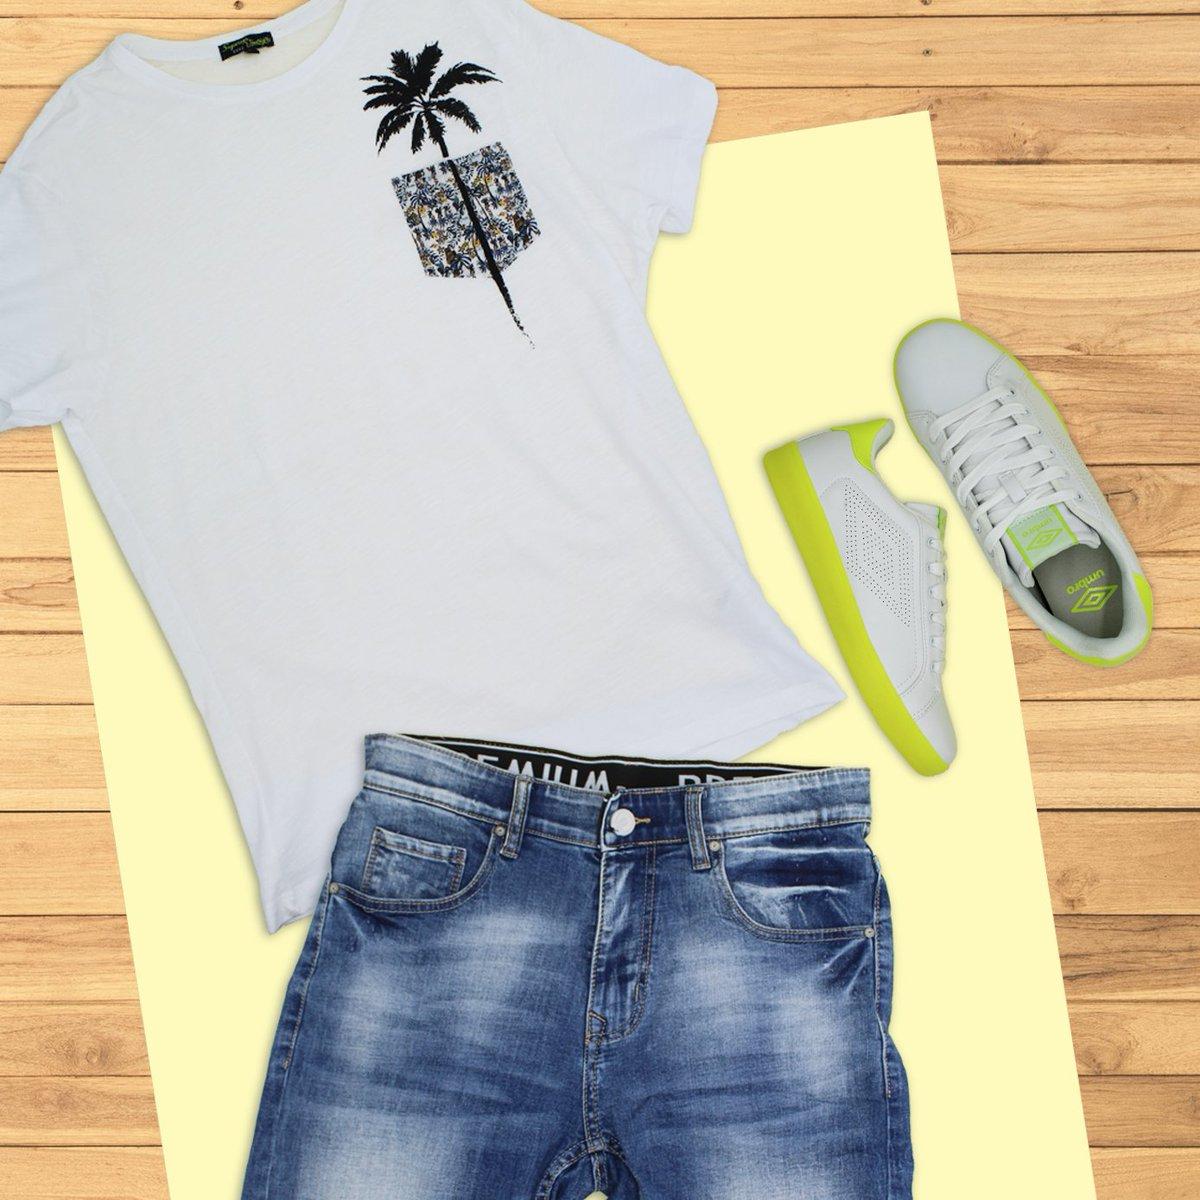 Scopri l'#abbigliamento #uomo in tutti gli store #nihaopic.twitter.com/EouUBZl6kq